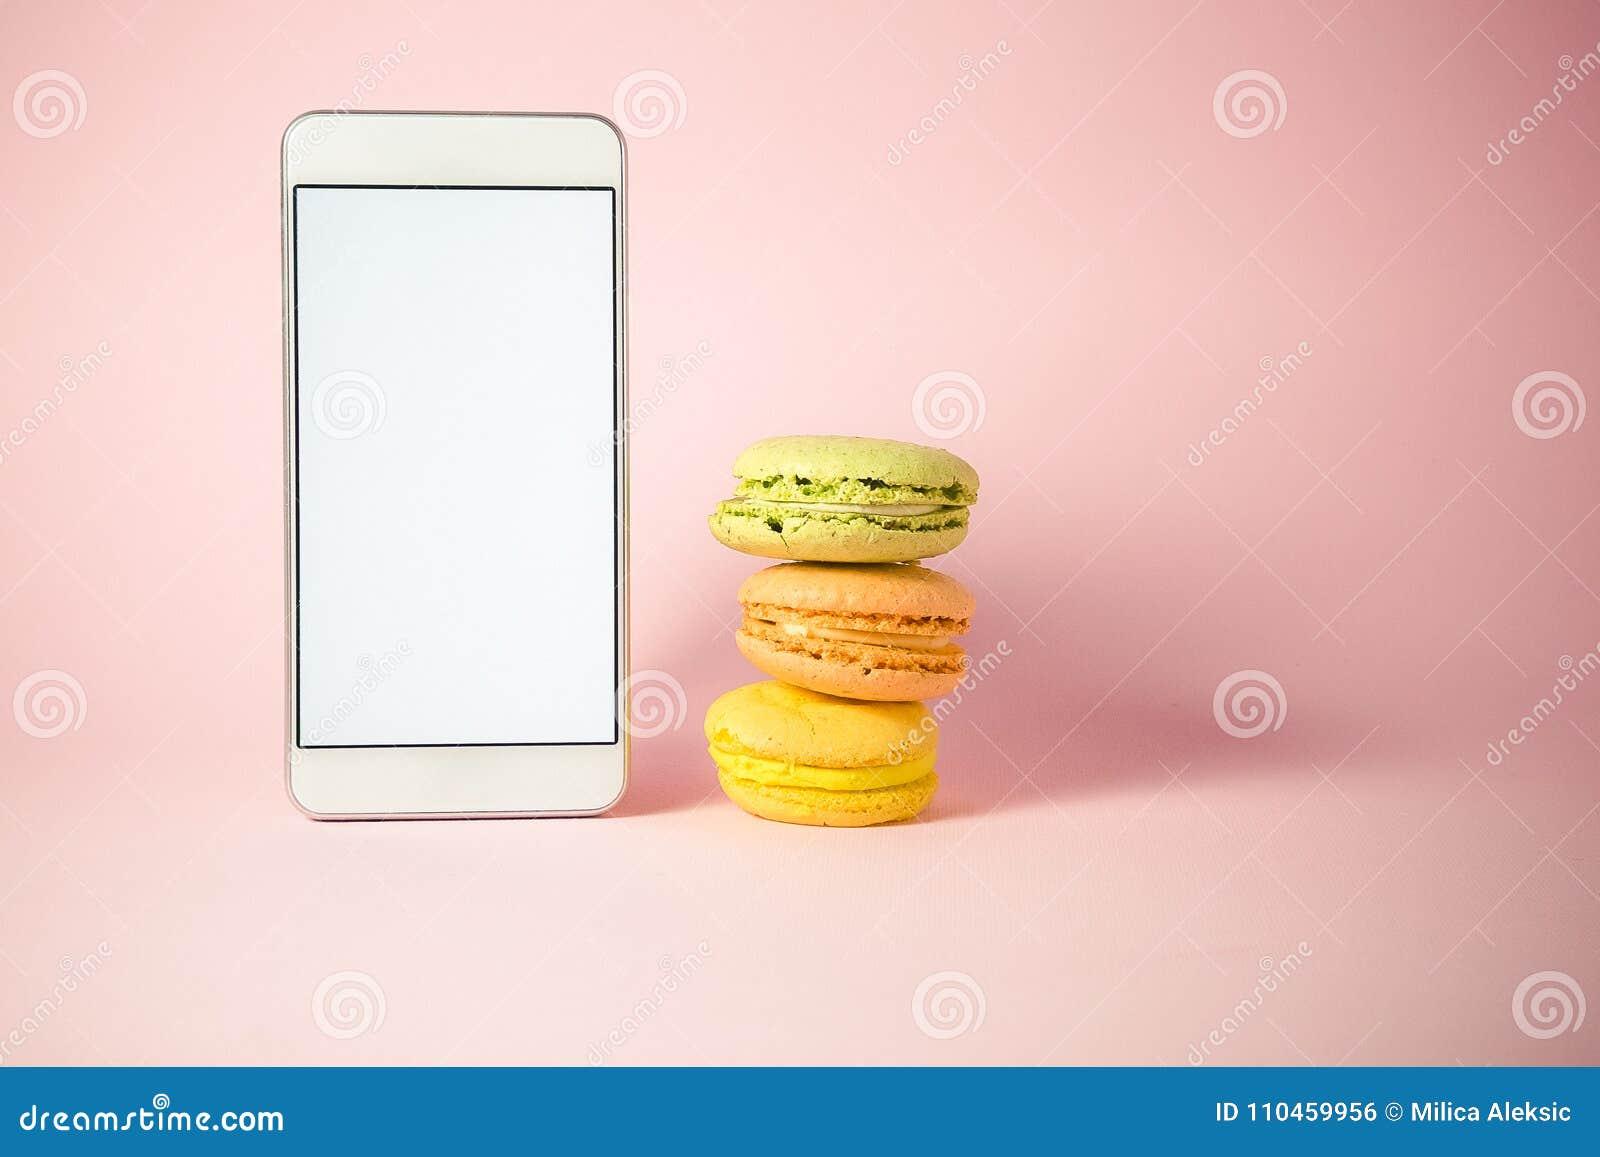 Staplad färgrik macarons och smartphone med den tomma skärmen